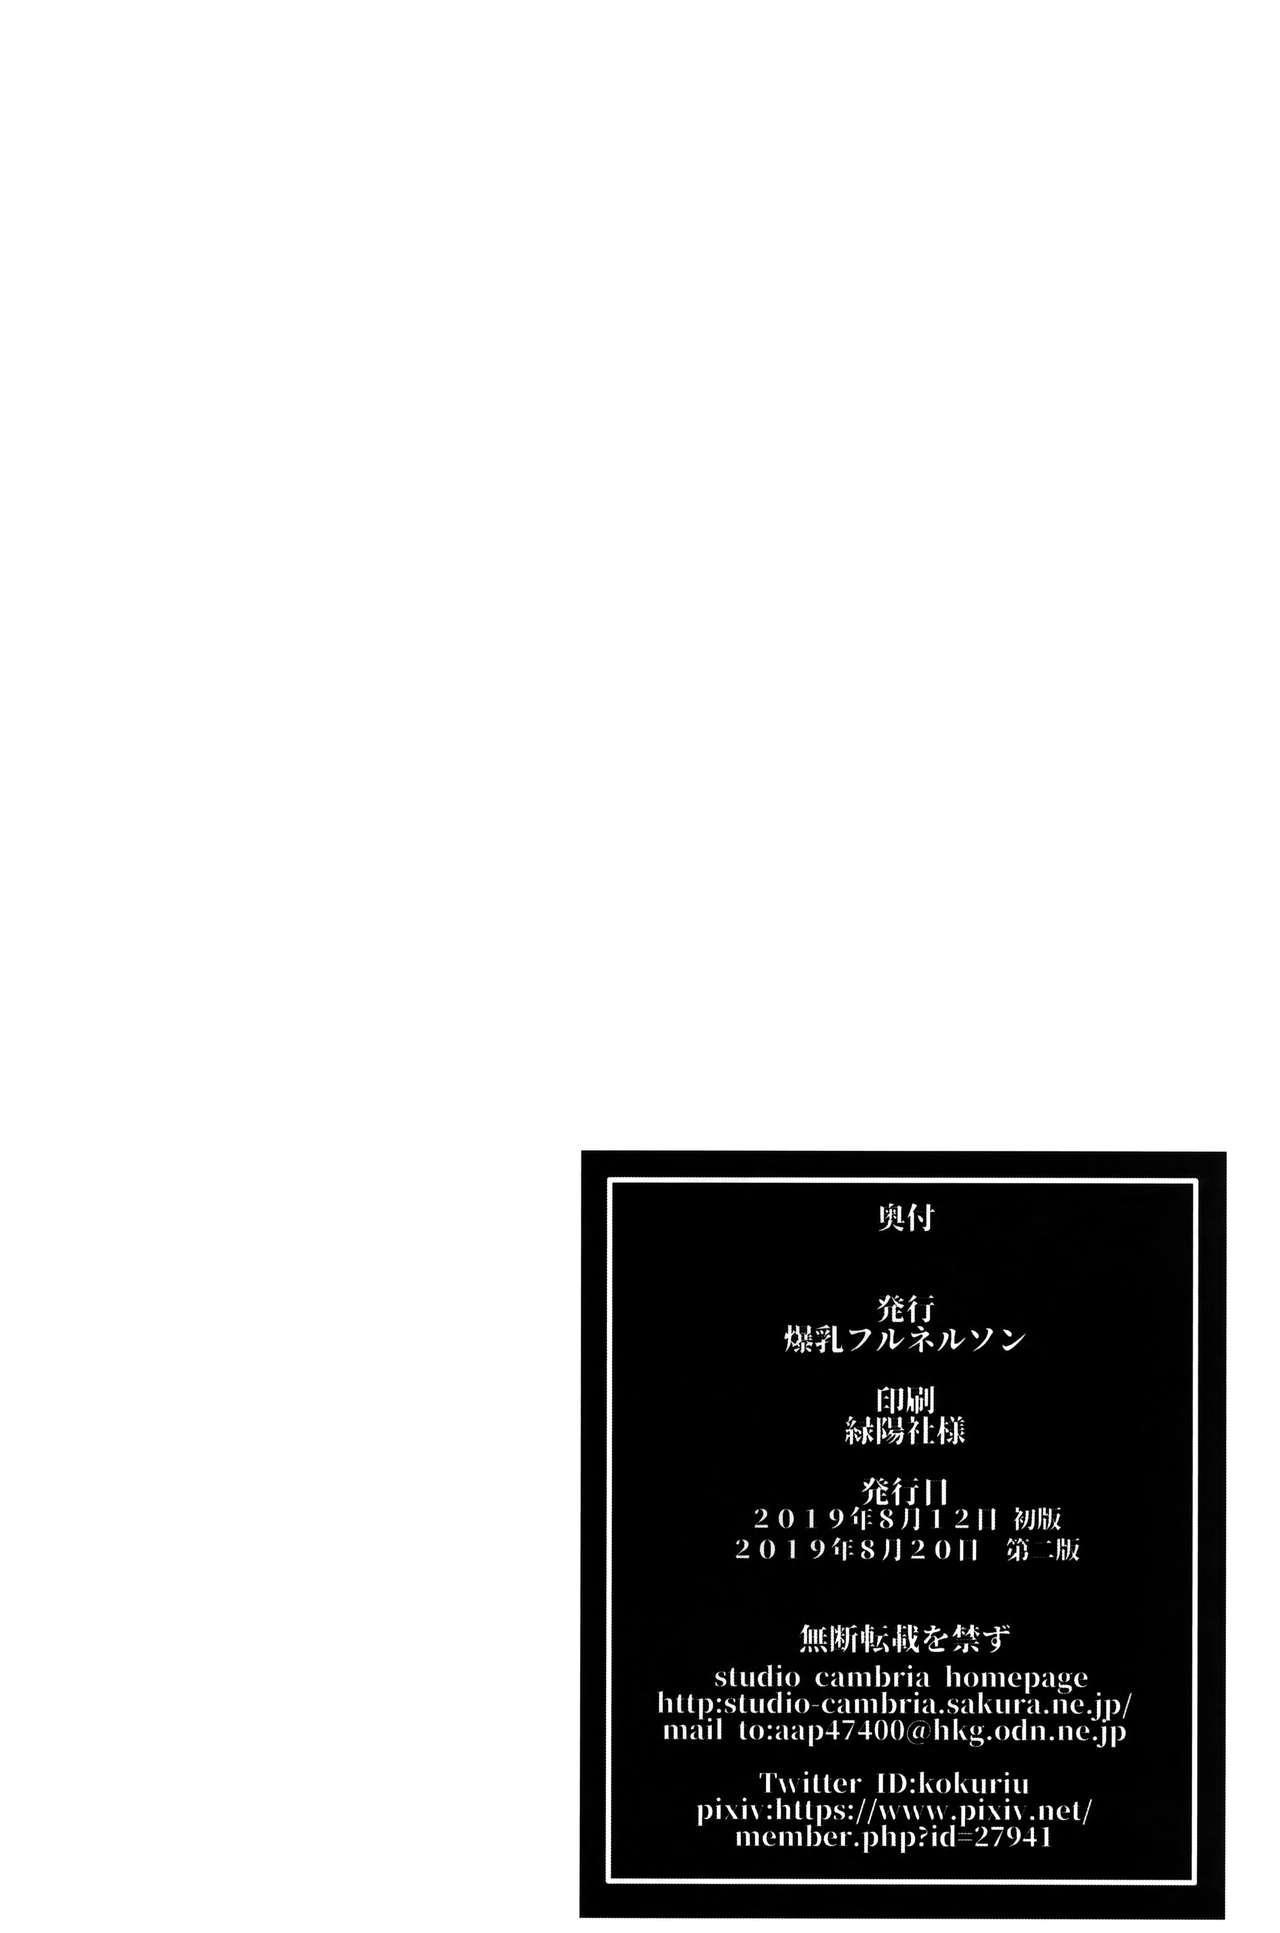 Youkoso Kokujin Koubi Beya e 2nd discipline 34